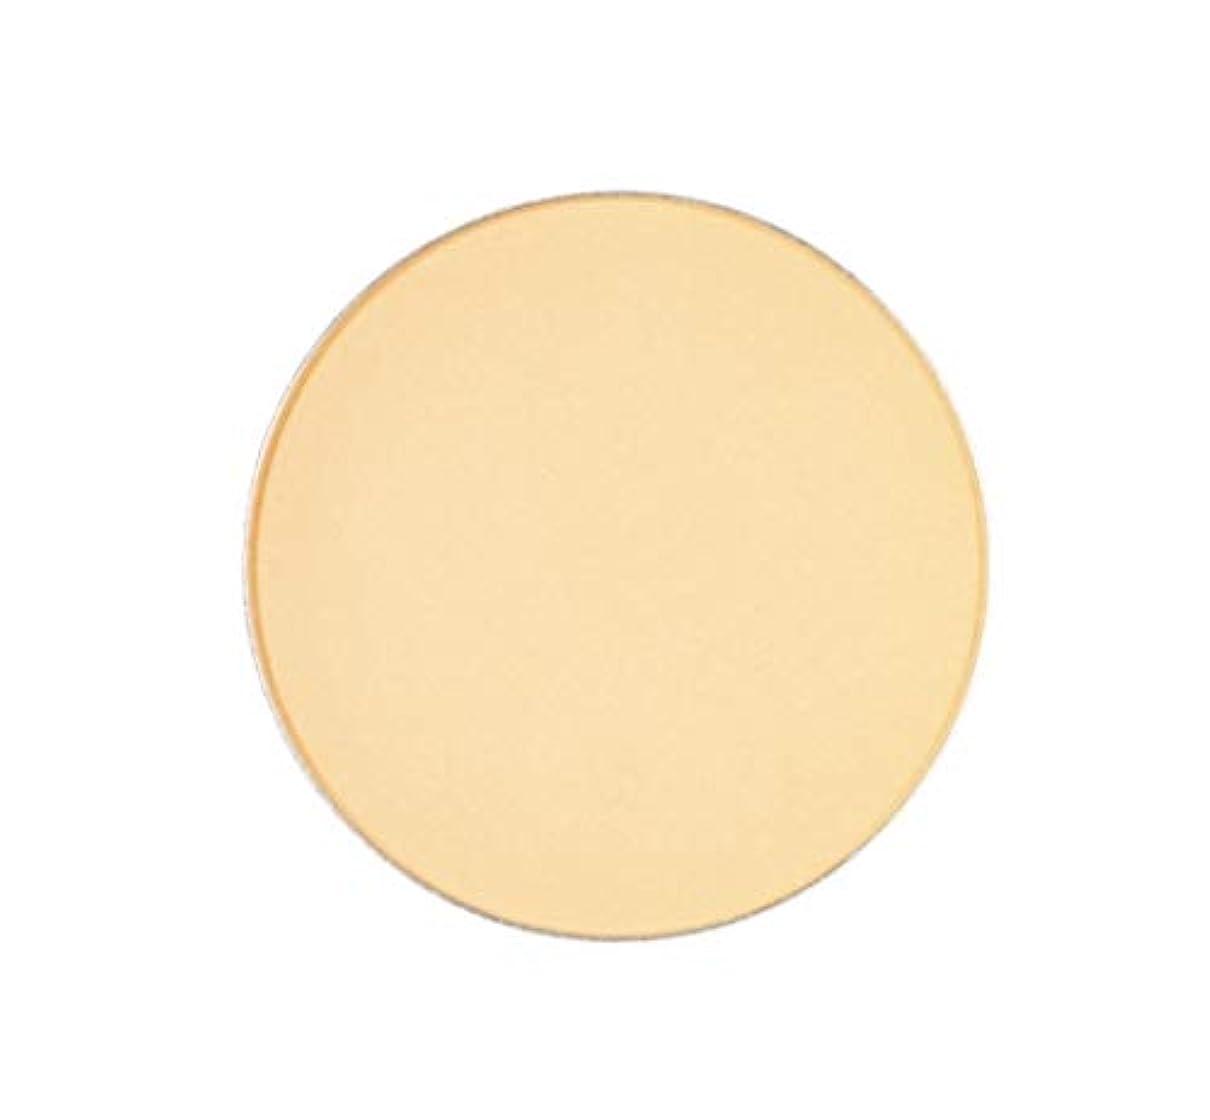 受け皿量で透明にDHC薬用BBミネラルパウダー GE <リフィル>(ライト標準色)